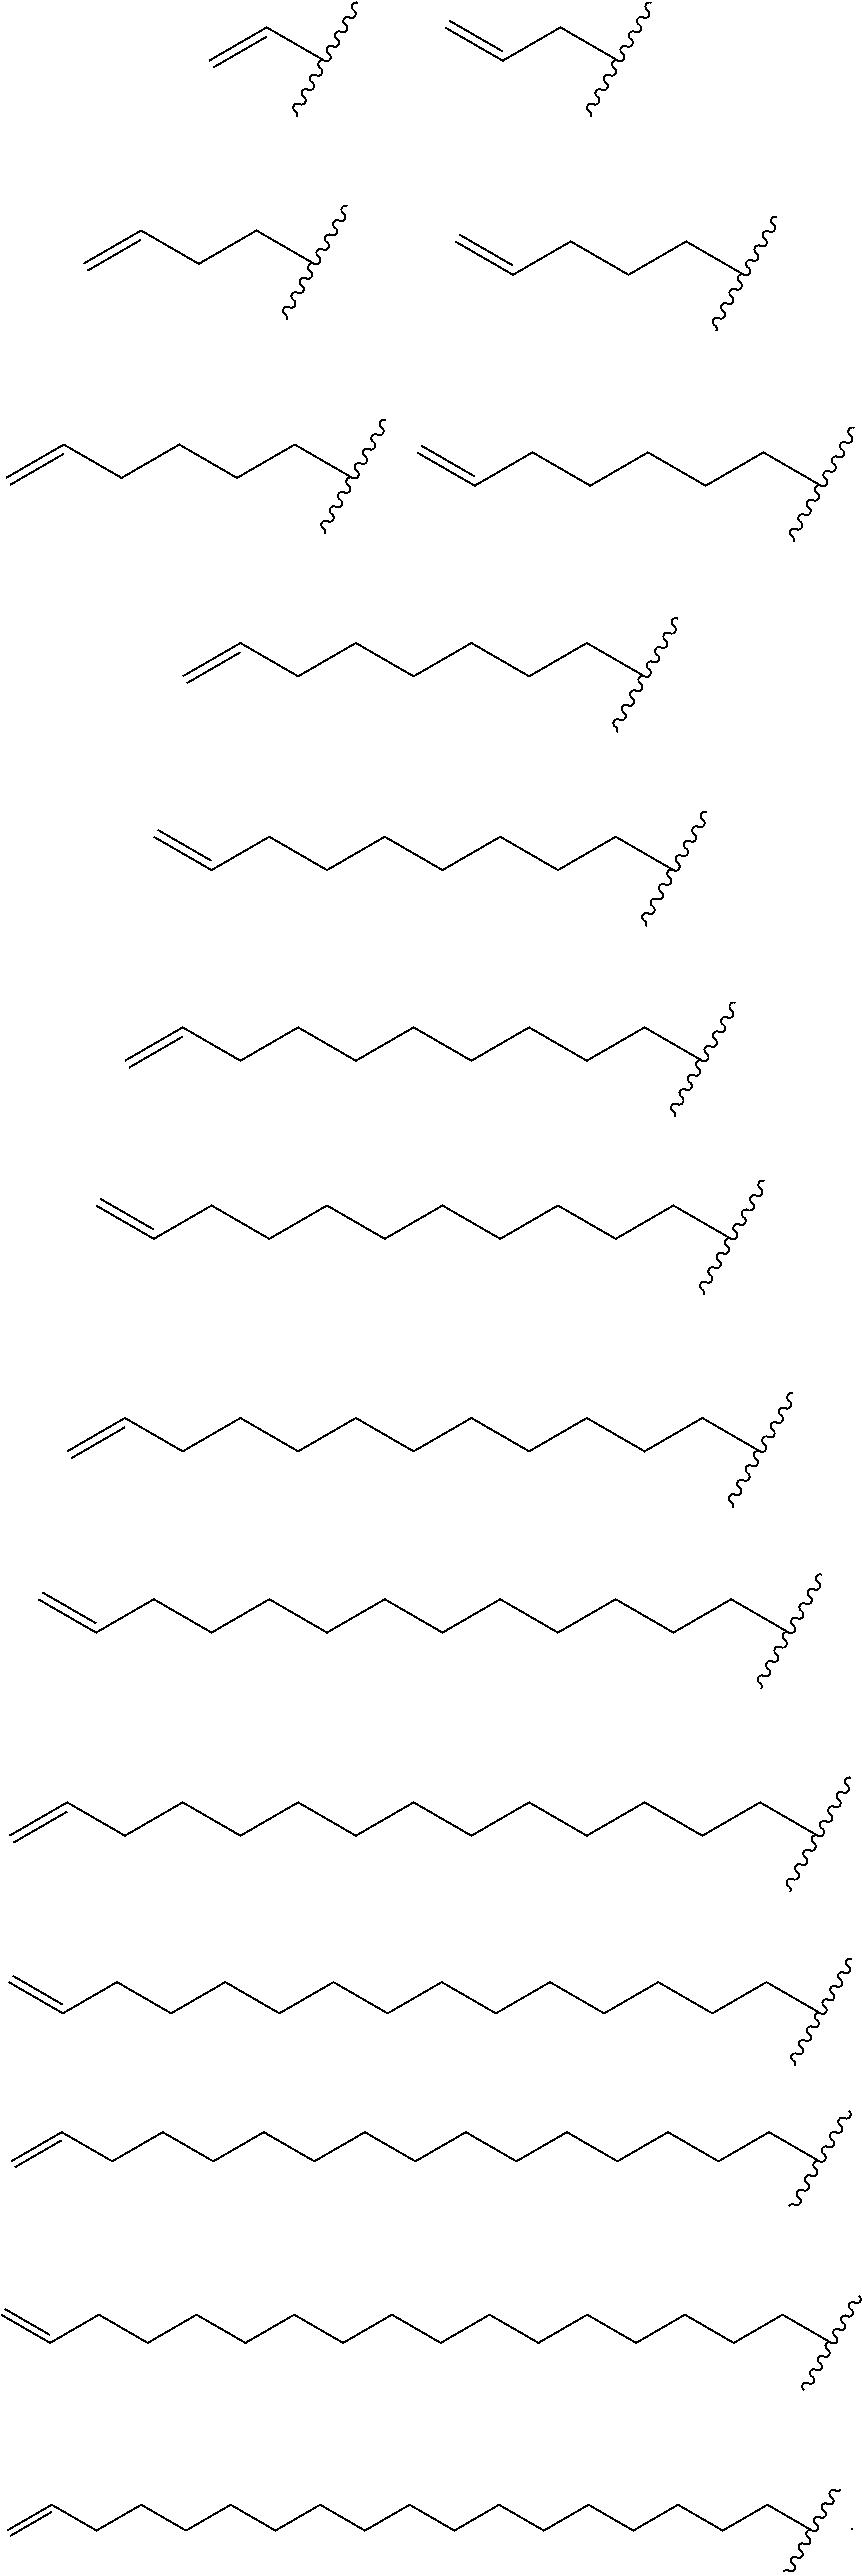 Figure US08969353-20150303-C00214